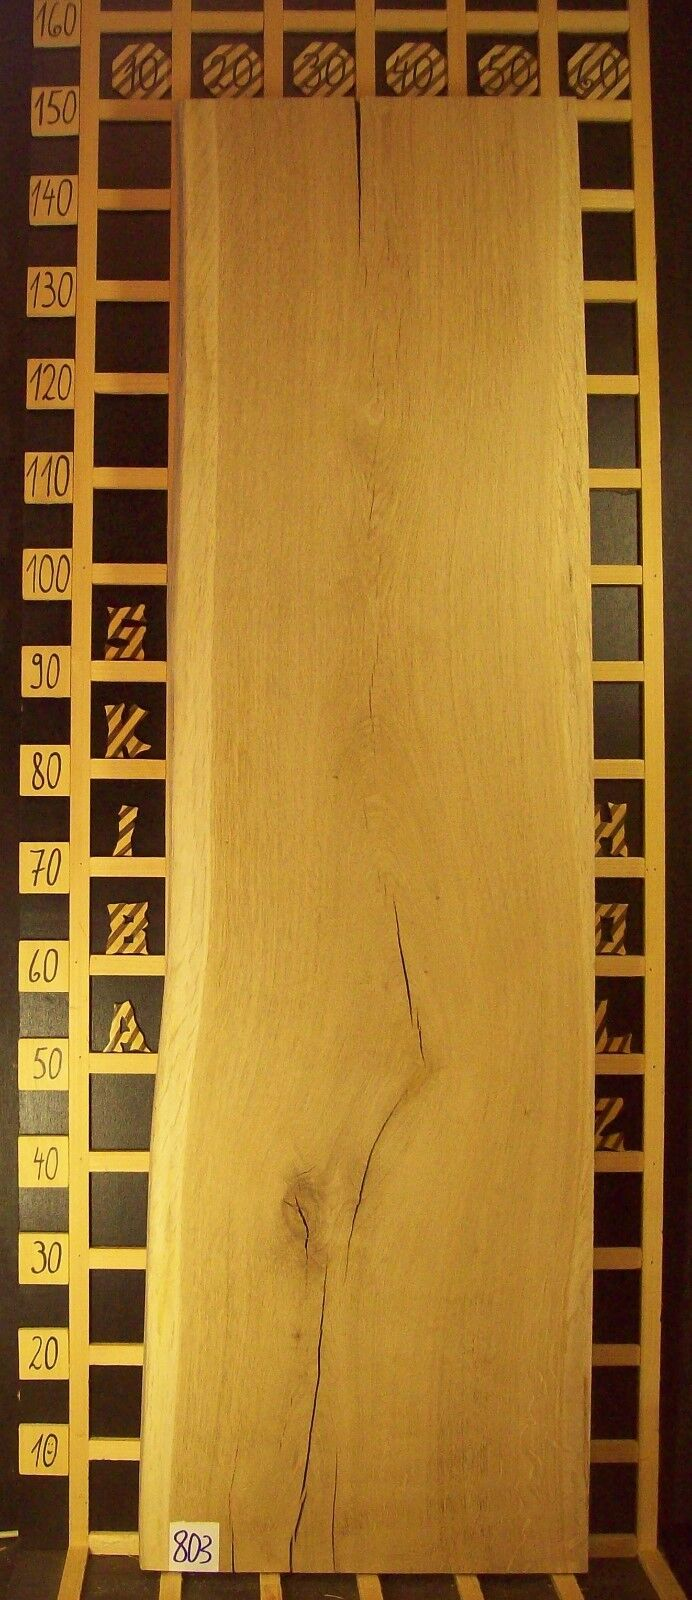 803 Waschtischplatte Eiche Tischplatte Holz Massiv 61mm x 40-44cm x 147cm